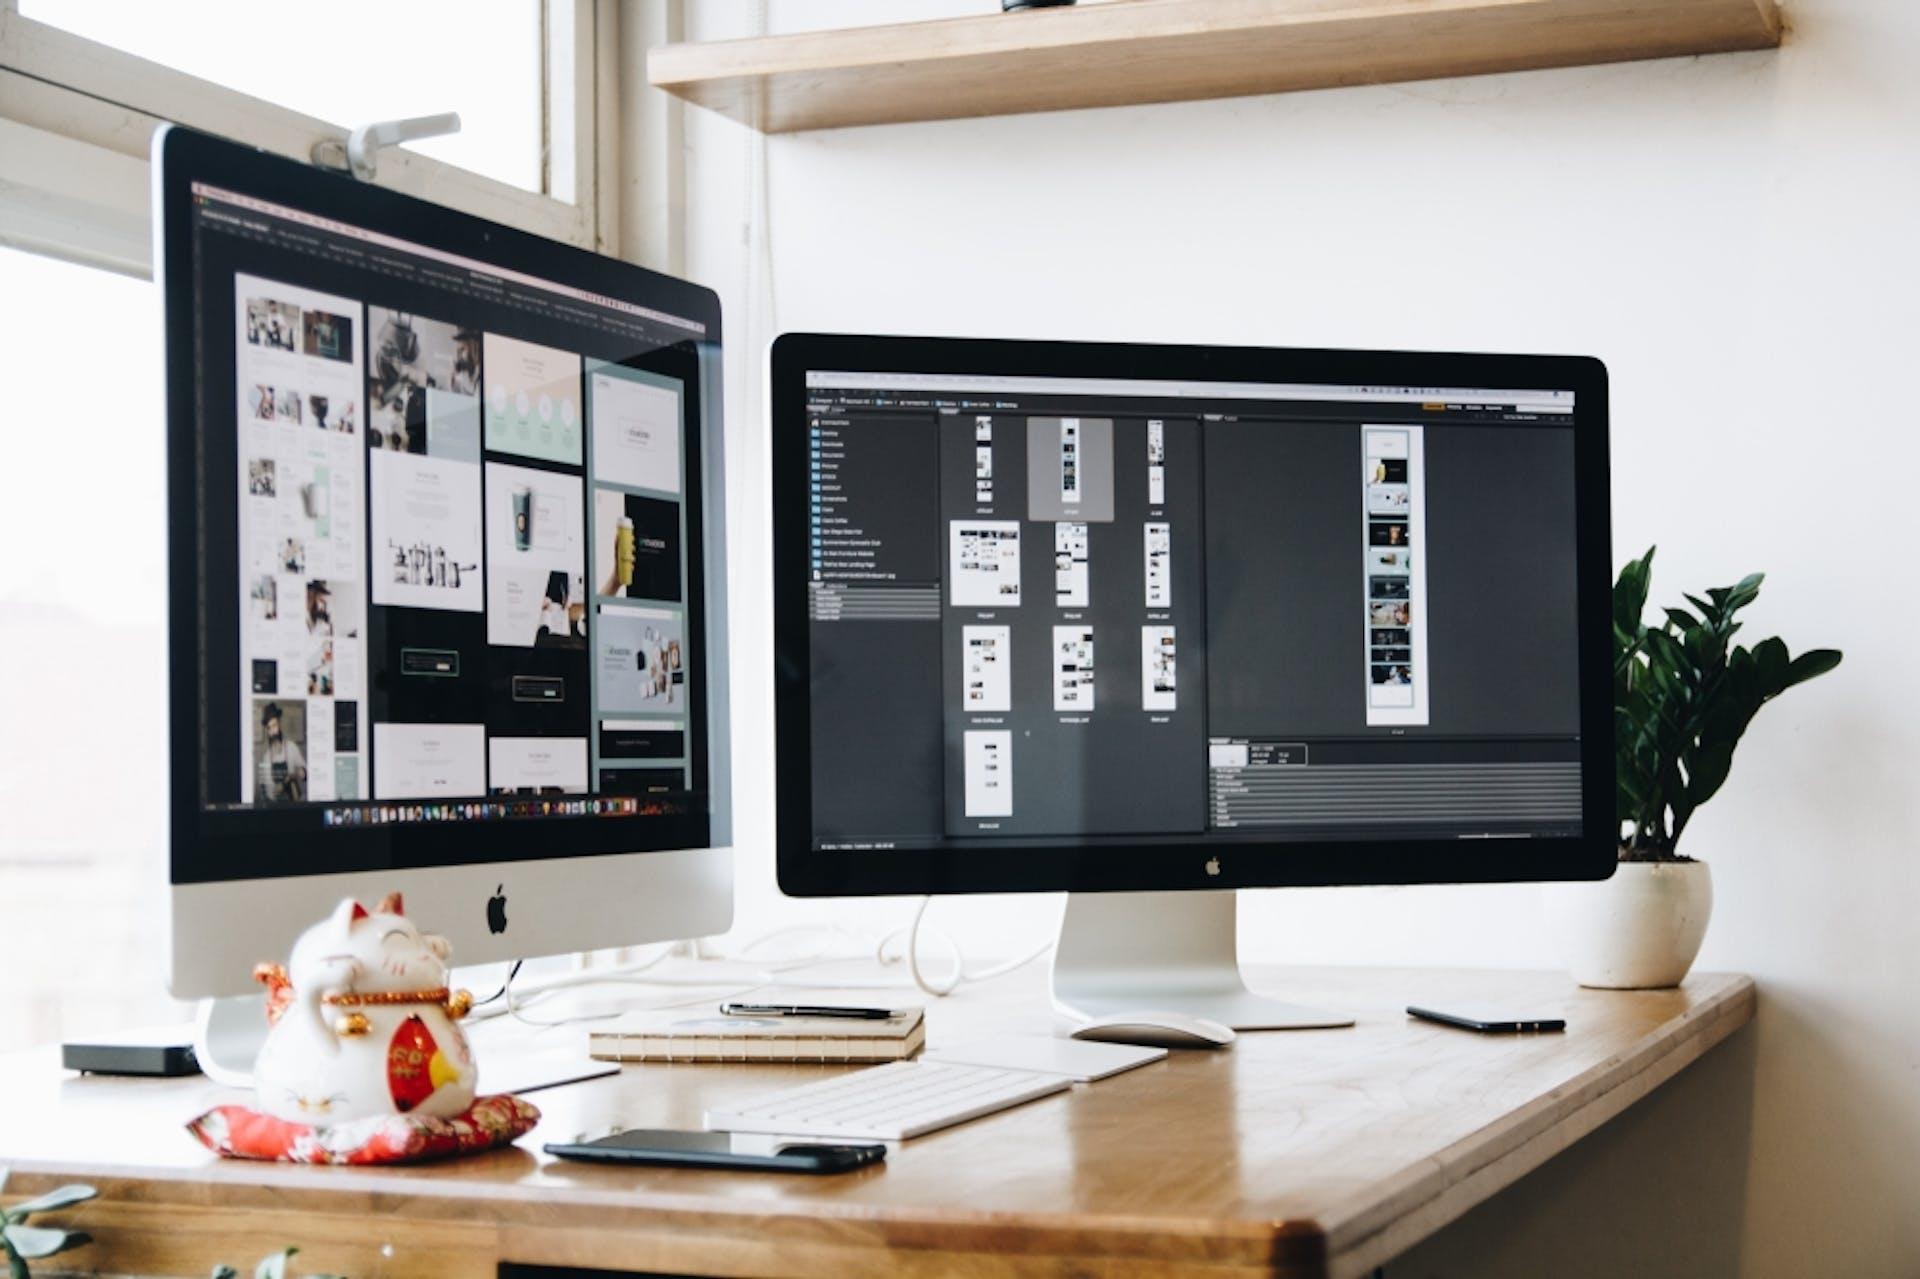 Los 7 elementos esenciales del diseño gráfico que tu marca necesita